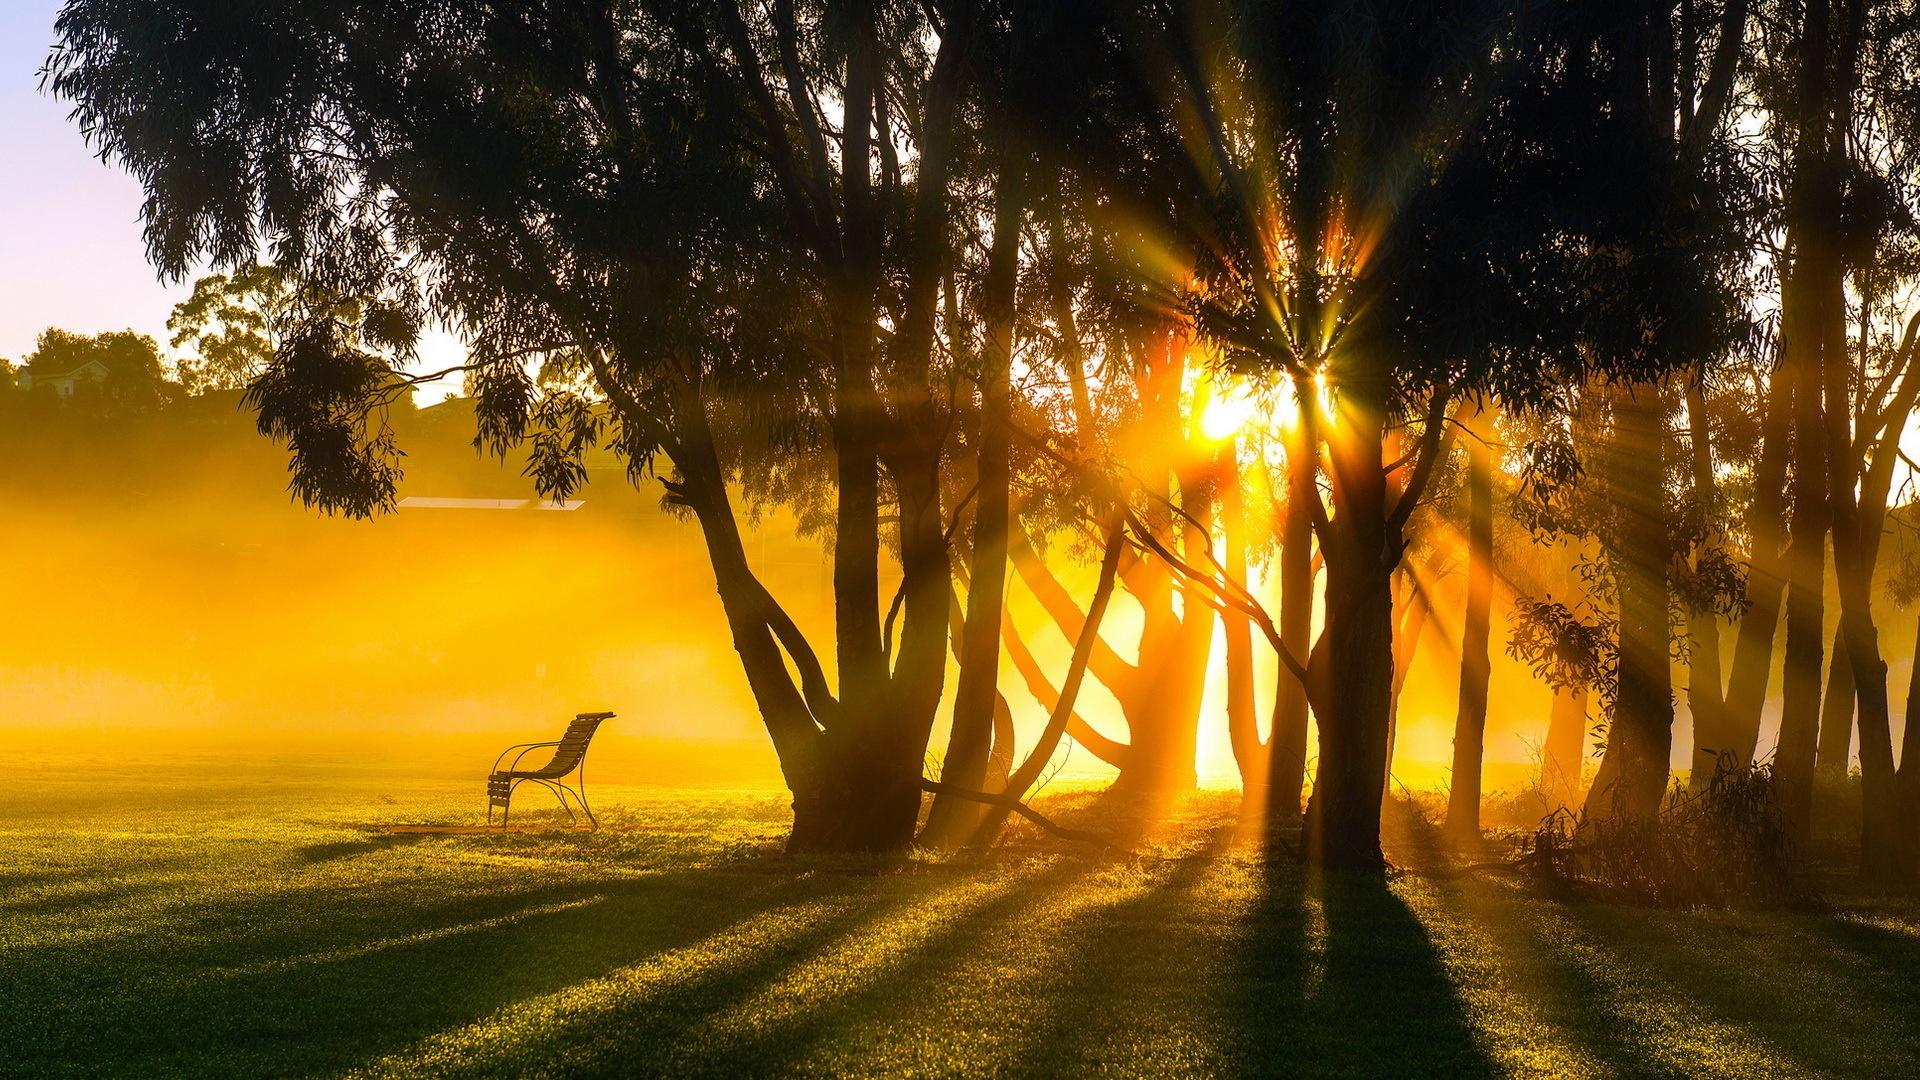 цепочка умиротворяющие картинки с добрым утром которые входят состав